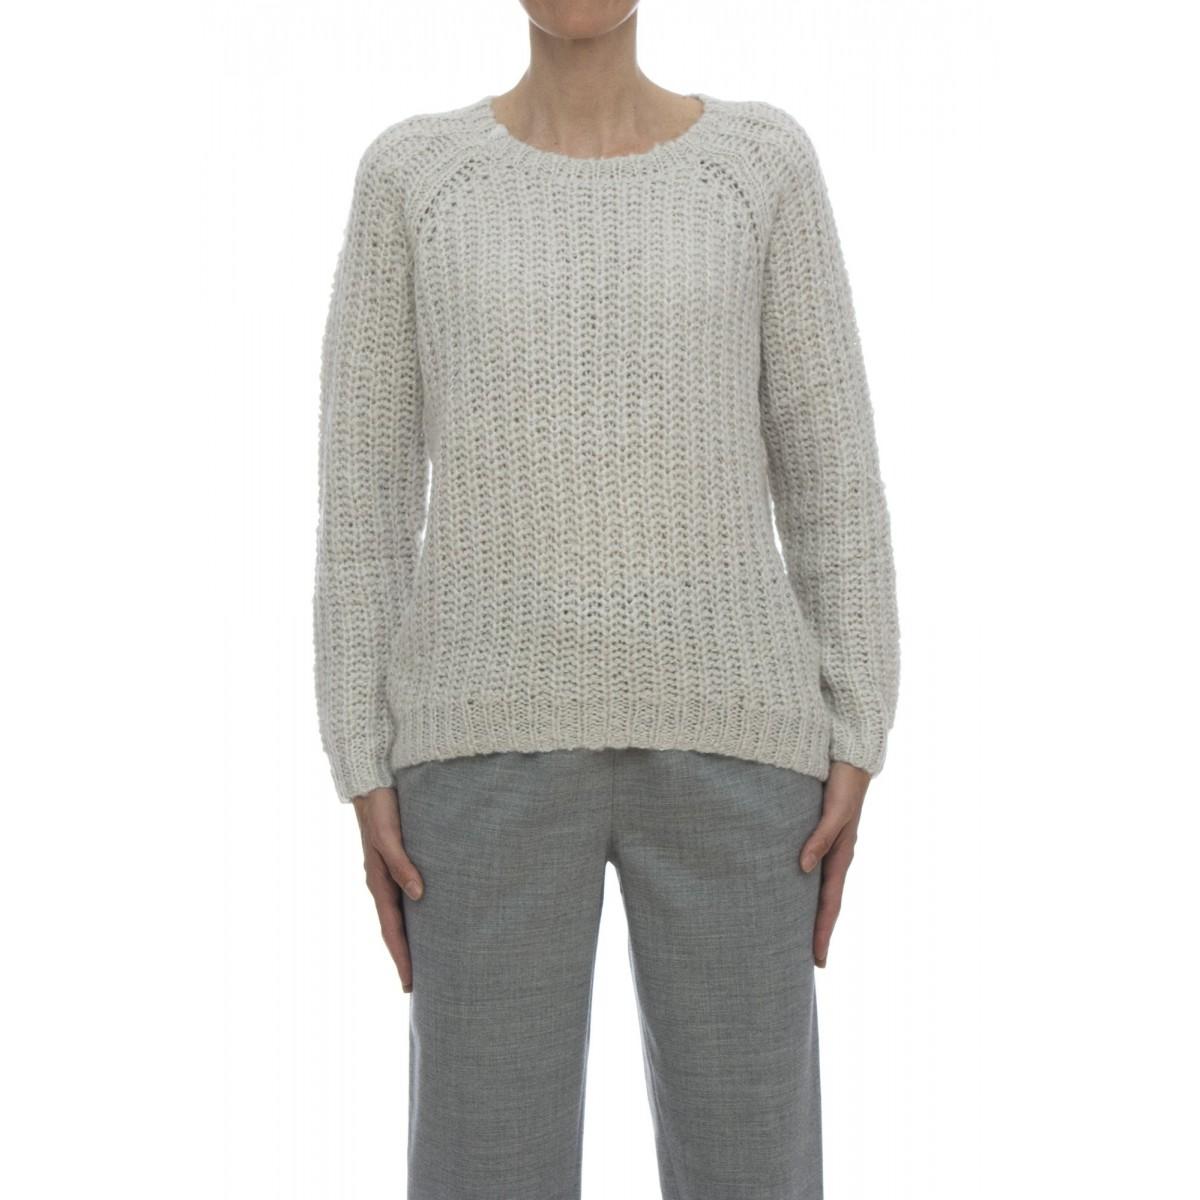 Maglia donna - 27269 maglia costa inglese